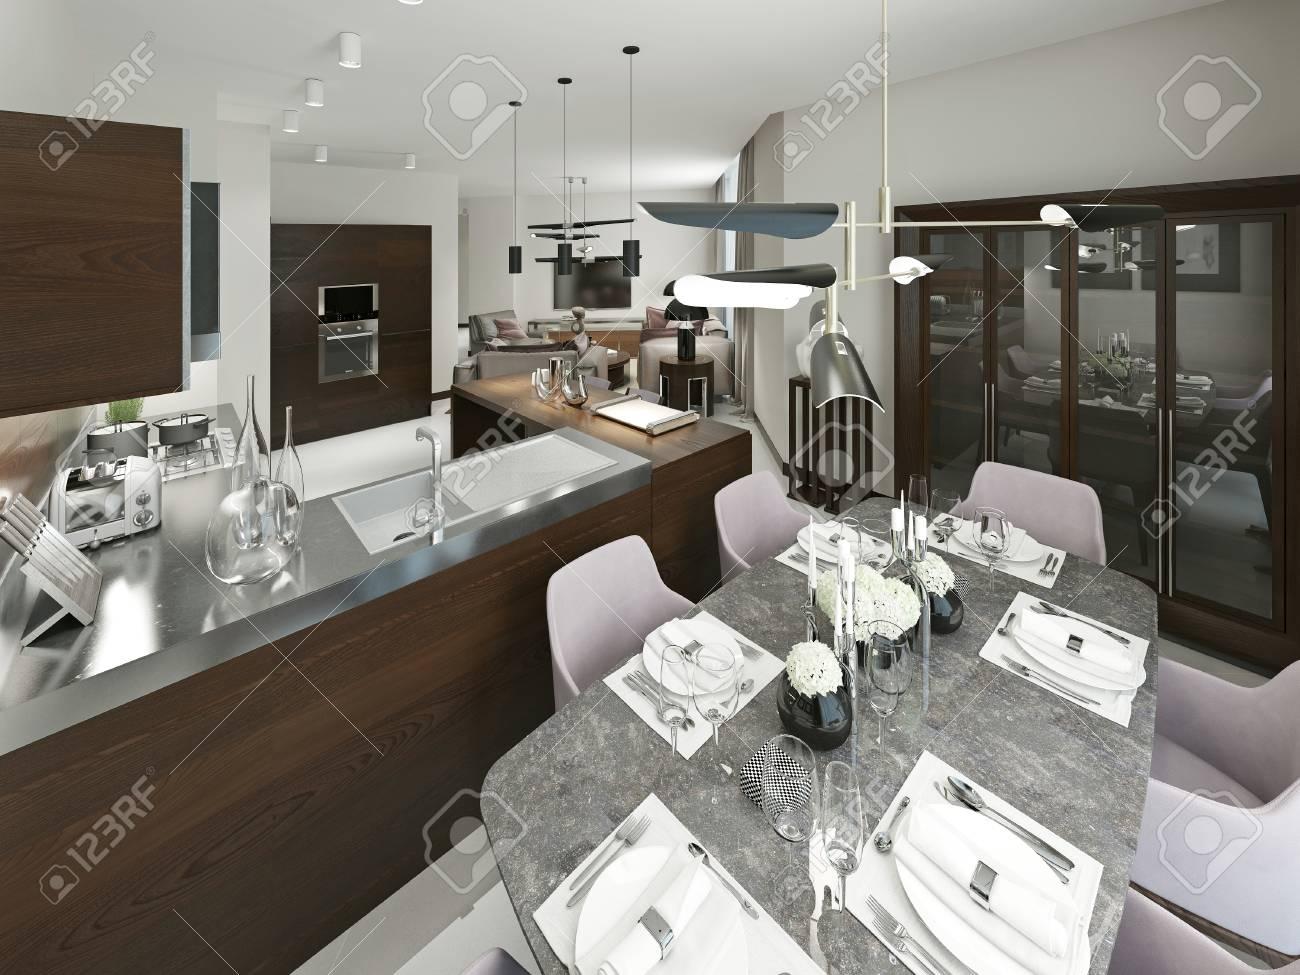 Modernes Esszimmer Und Kuche Schone Moderne Mobel Hat Weiche